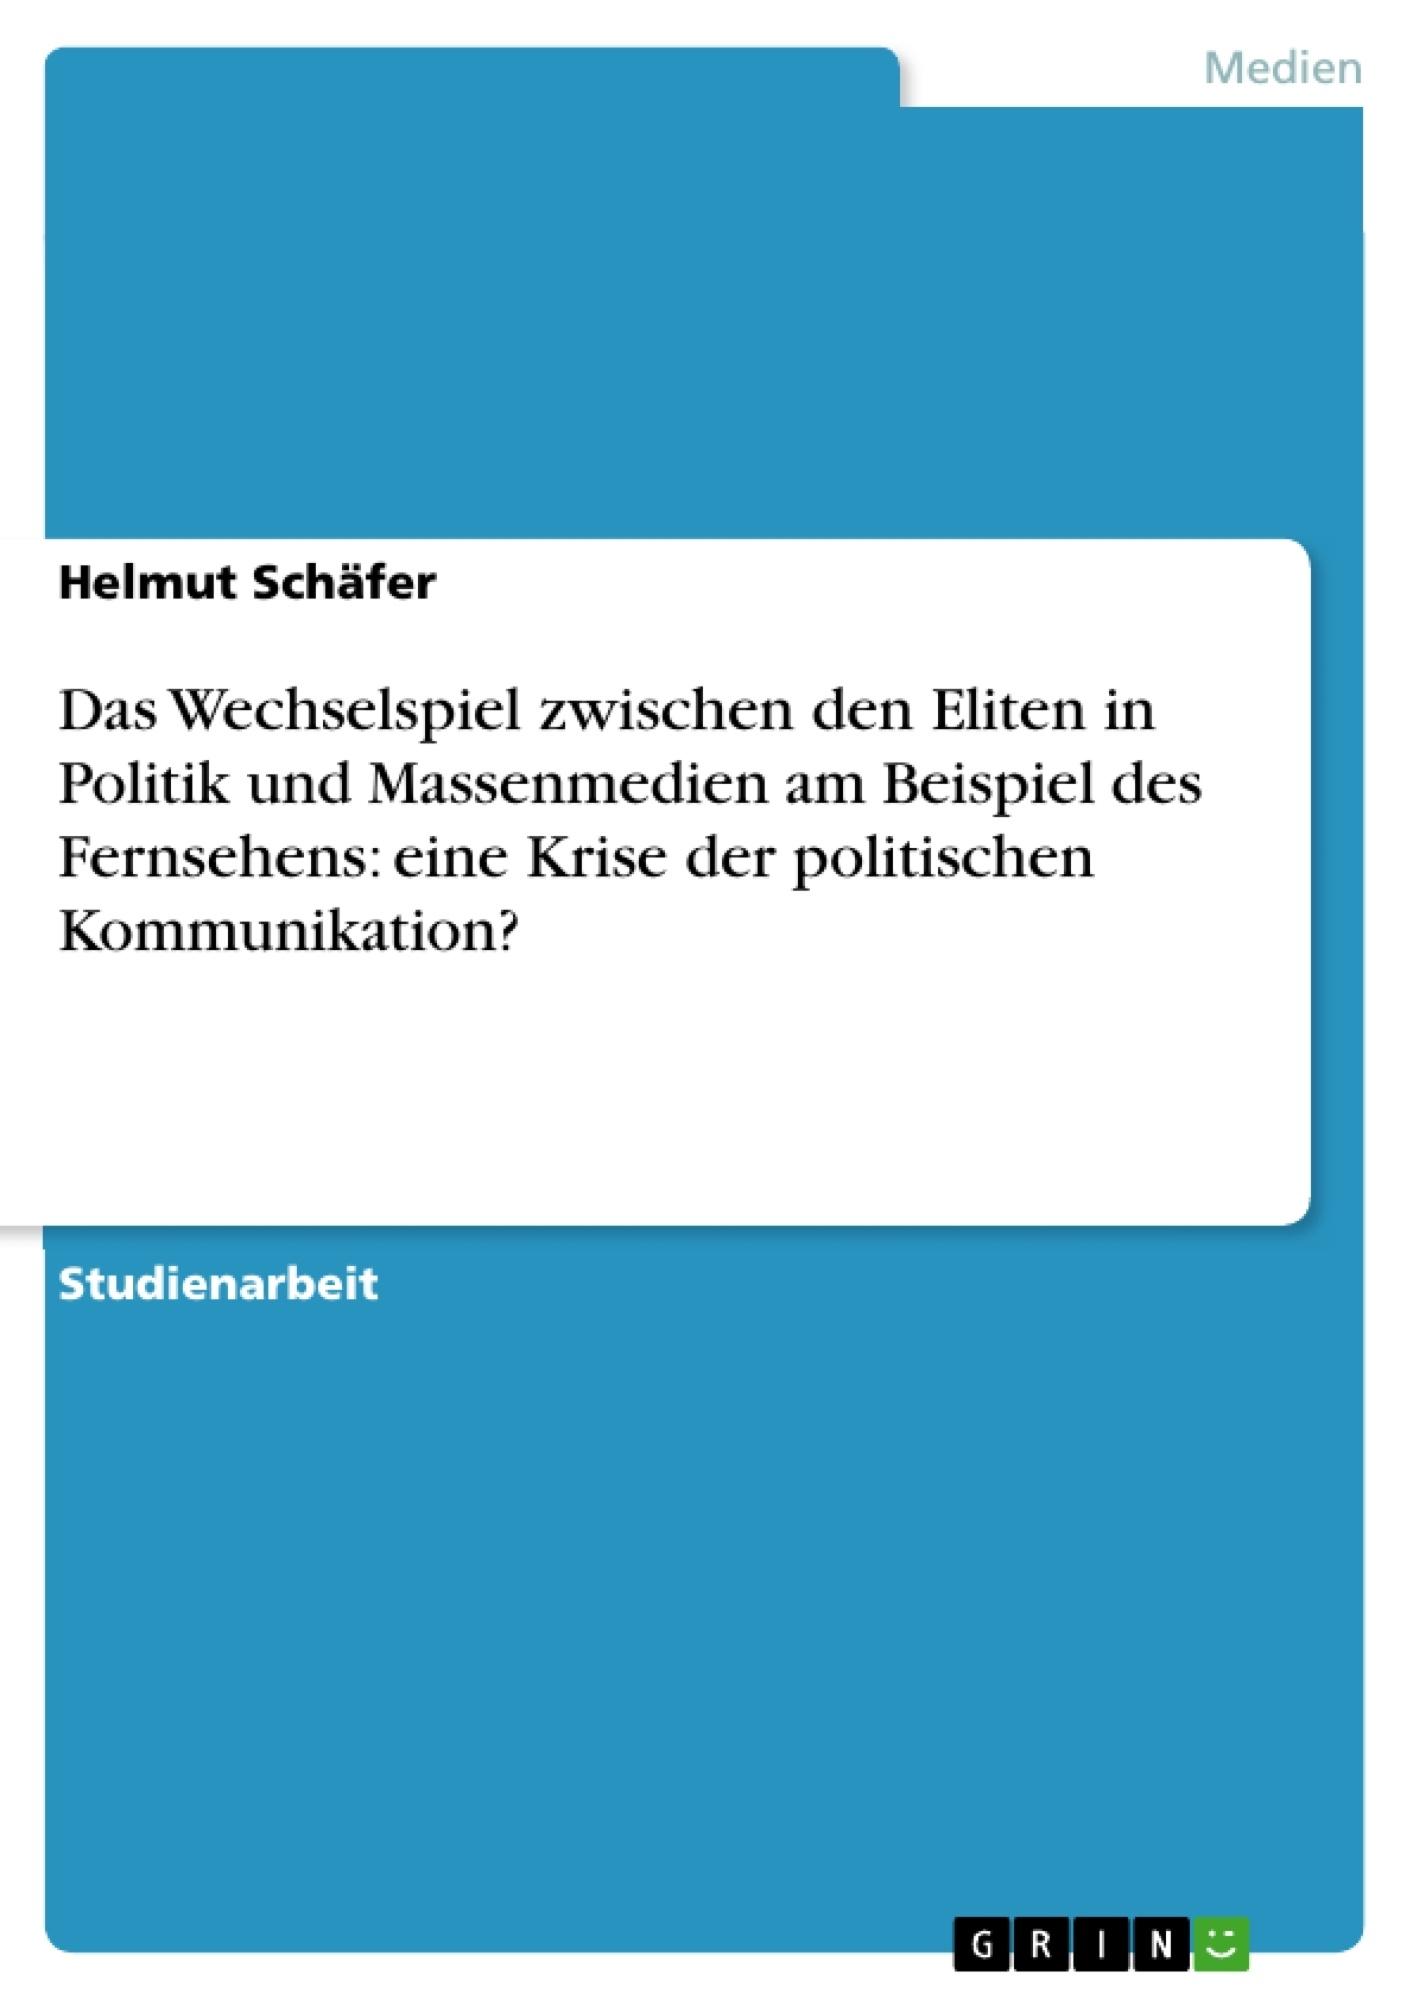 Titel: Das Wechselspiel zwischen den Eliten in Politik und Massenmedien am Beispiel des Fernsehens: eine Krise der politischen Kommunikation?